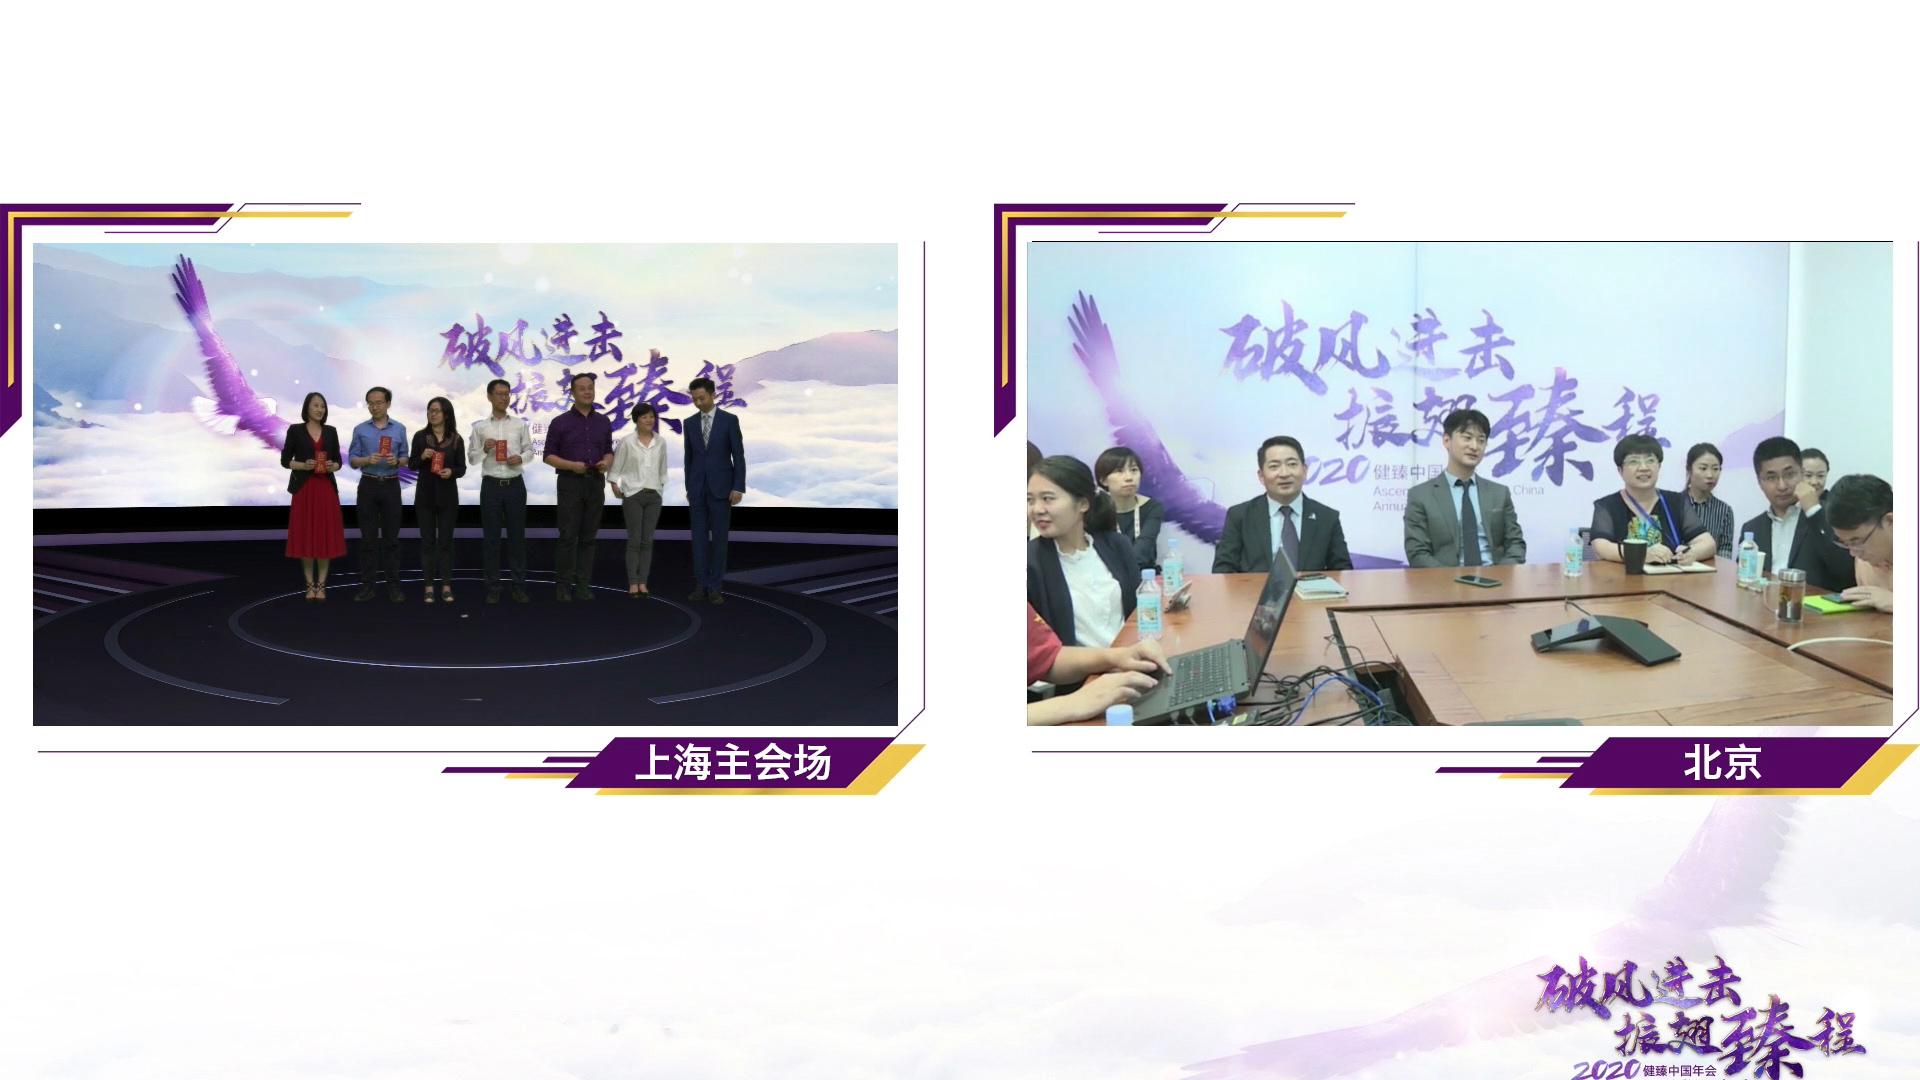 中国联通彩铃定制_虚拟演播,AR直播,AR发布会,绿幕直播,3D直播-竭力互动